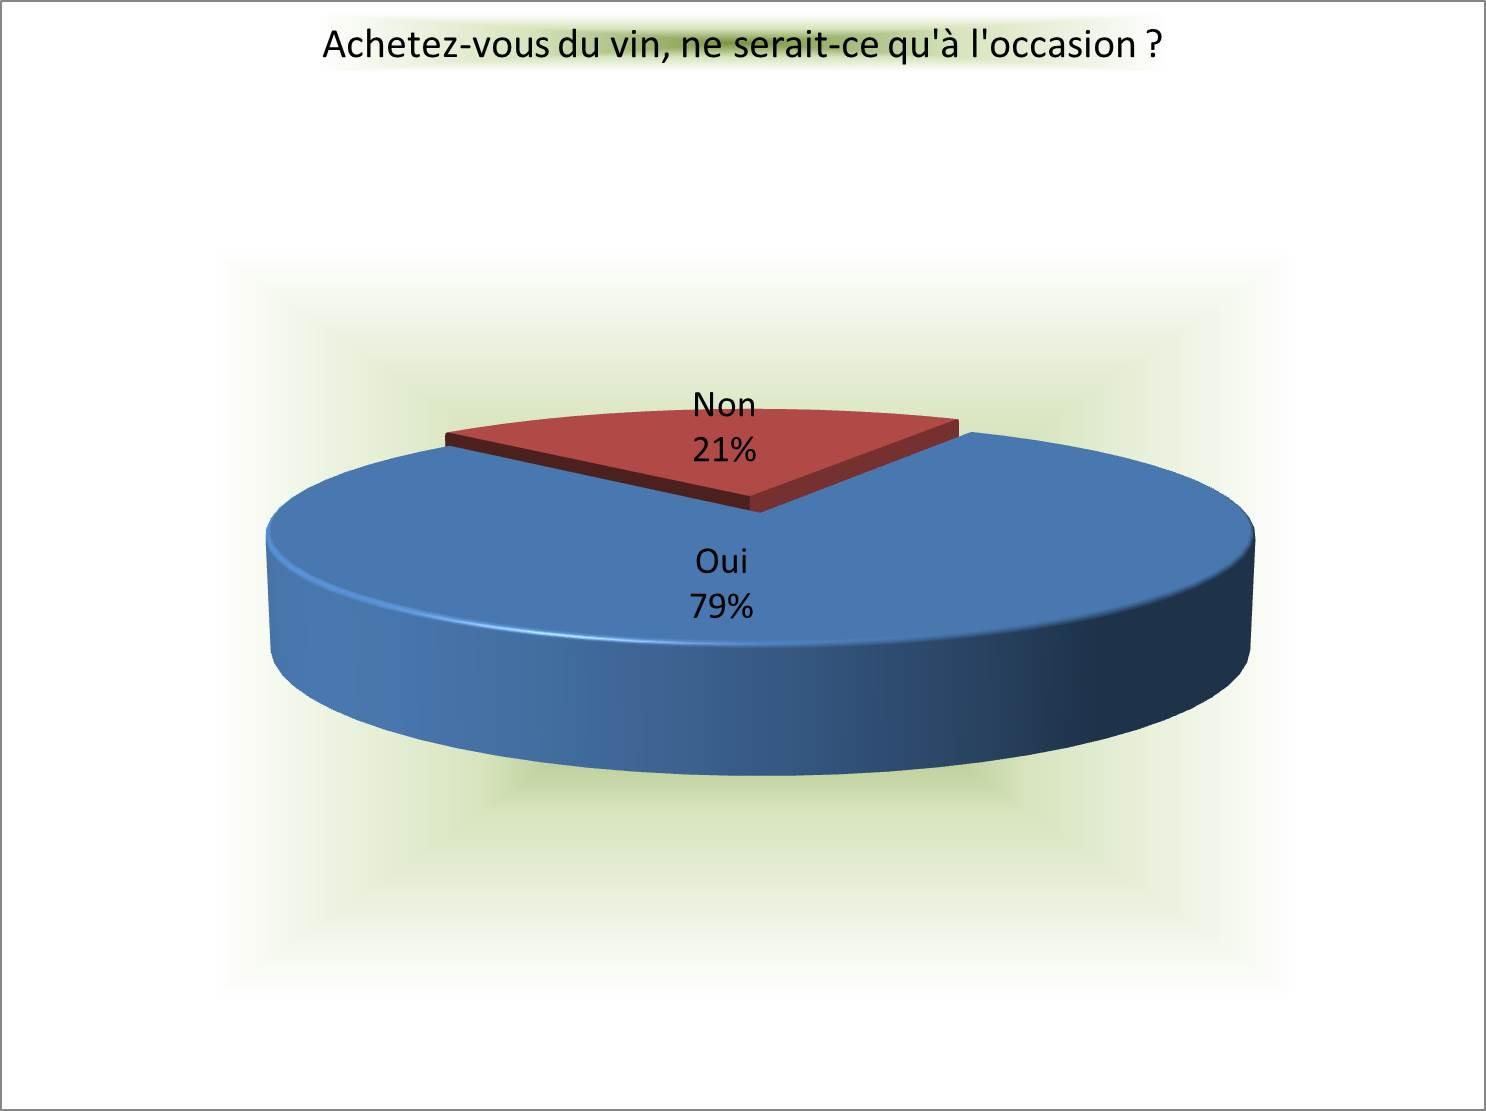 2013-09-28-pix_2013_septembre_23_Huffington_Post_Quebec_Toute_la_verite_sur_les_vins_vendus_dans_les_epiceries_et_les_depanneurs_1.jpg